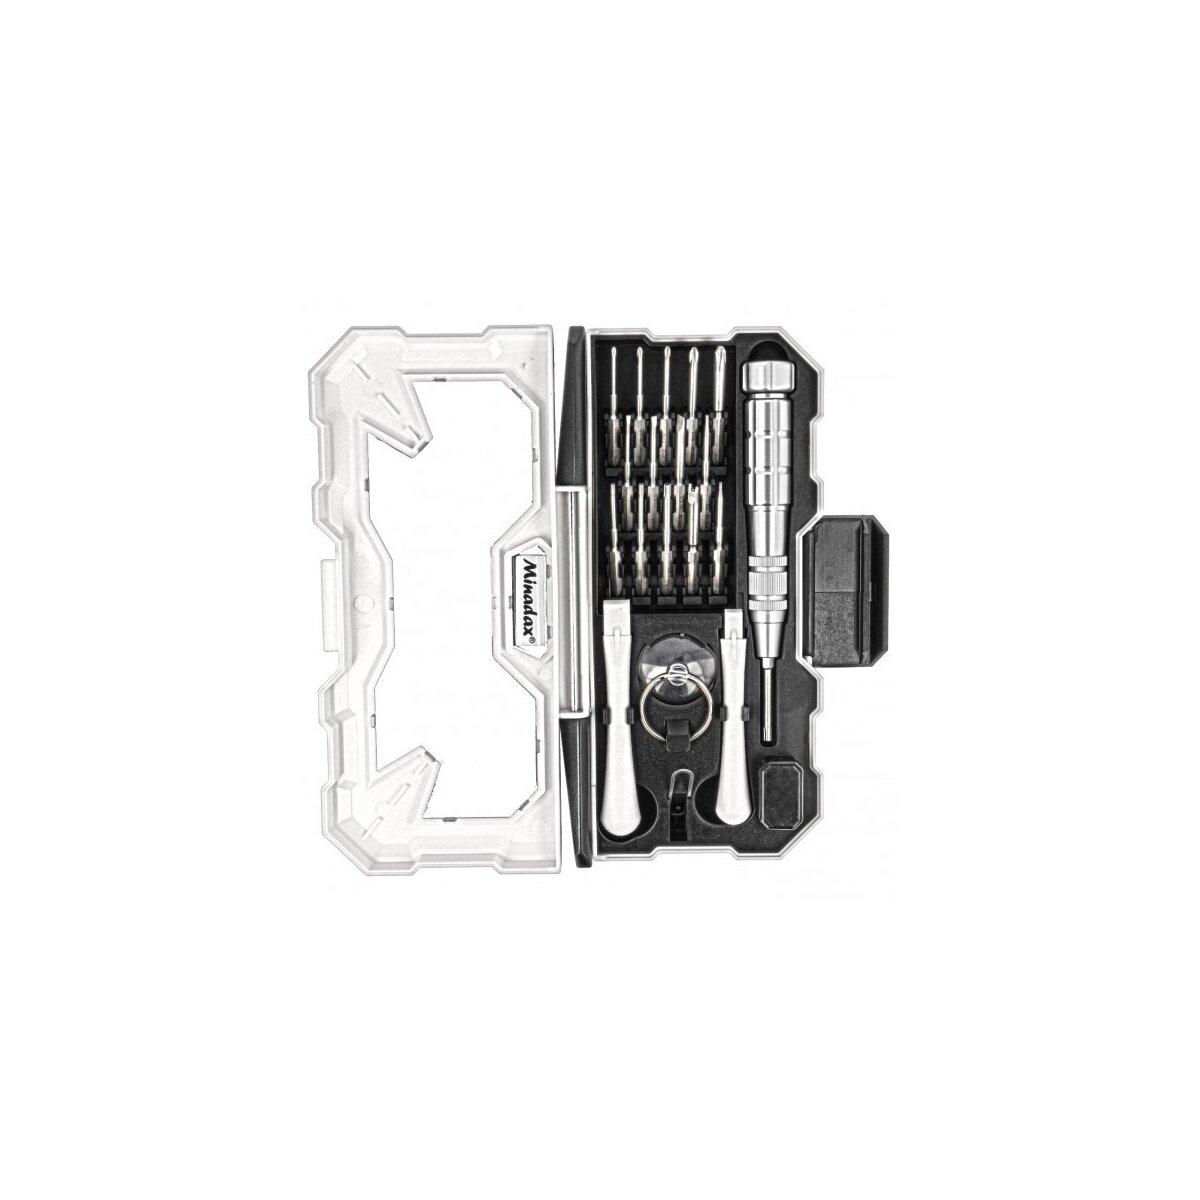 Minadax® Professionelles 18 Teile Gehaertet Smartphone Reparaturset aus Chrom-Vanadium - Opening Tool, Oeffnungs Werkzeug,